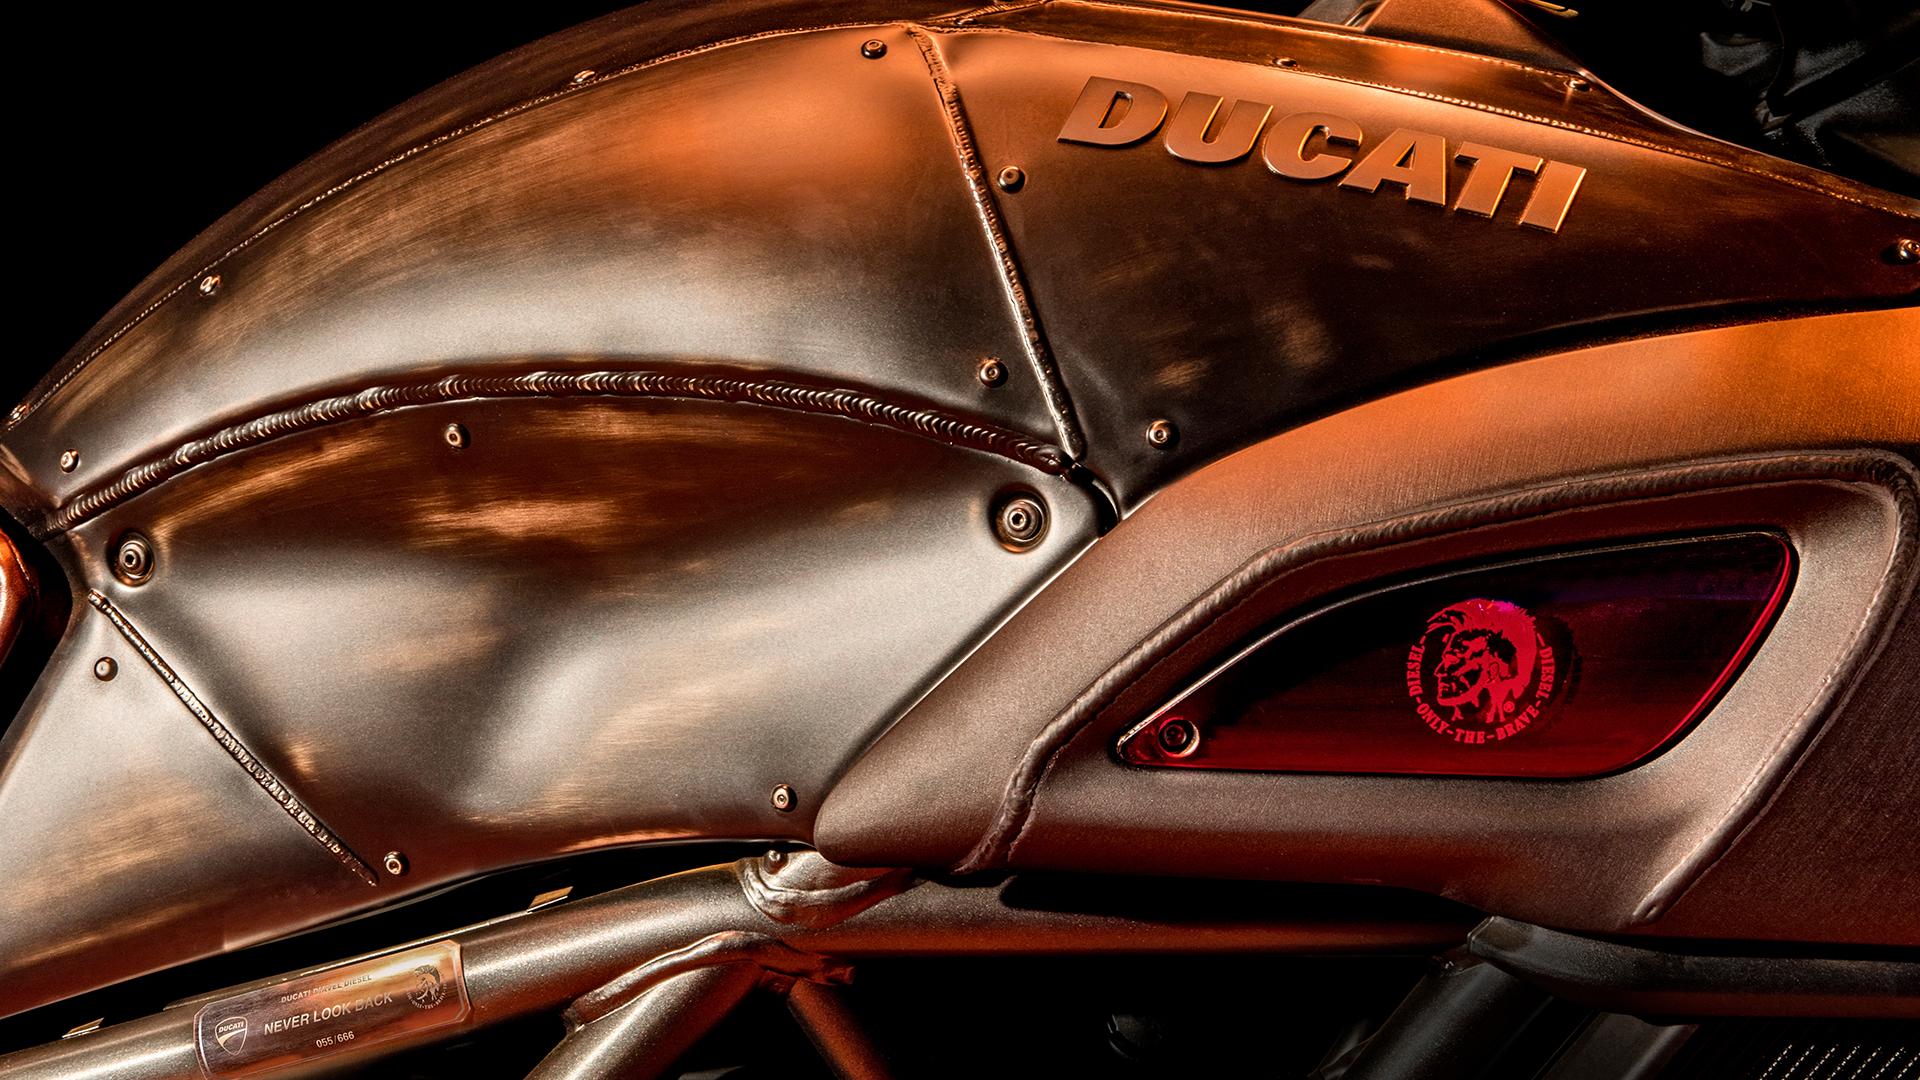 ducati-diavel-diesel